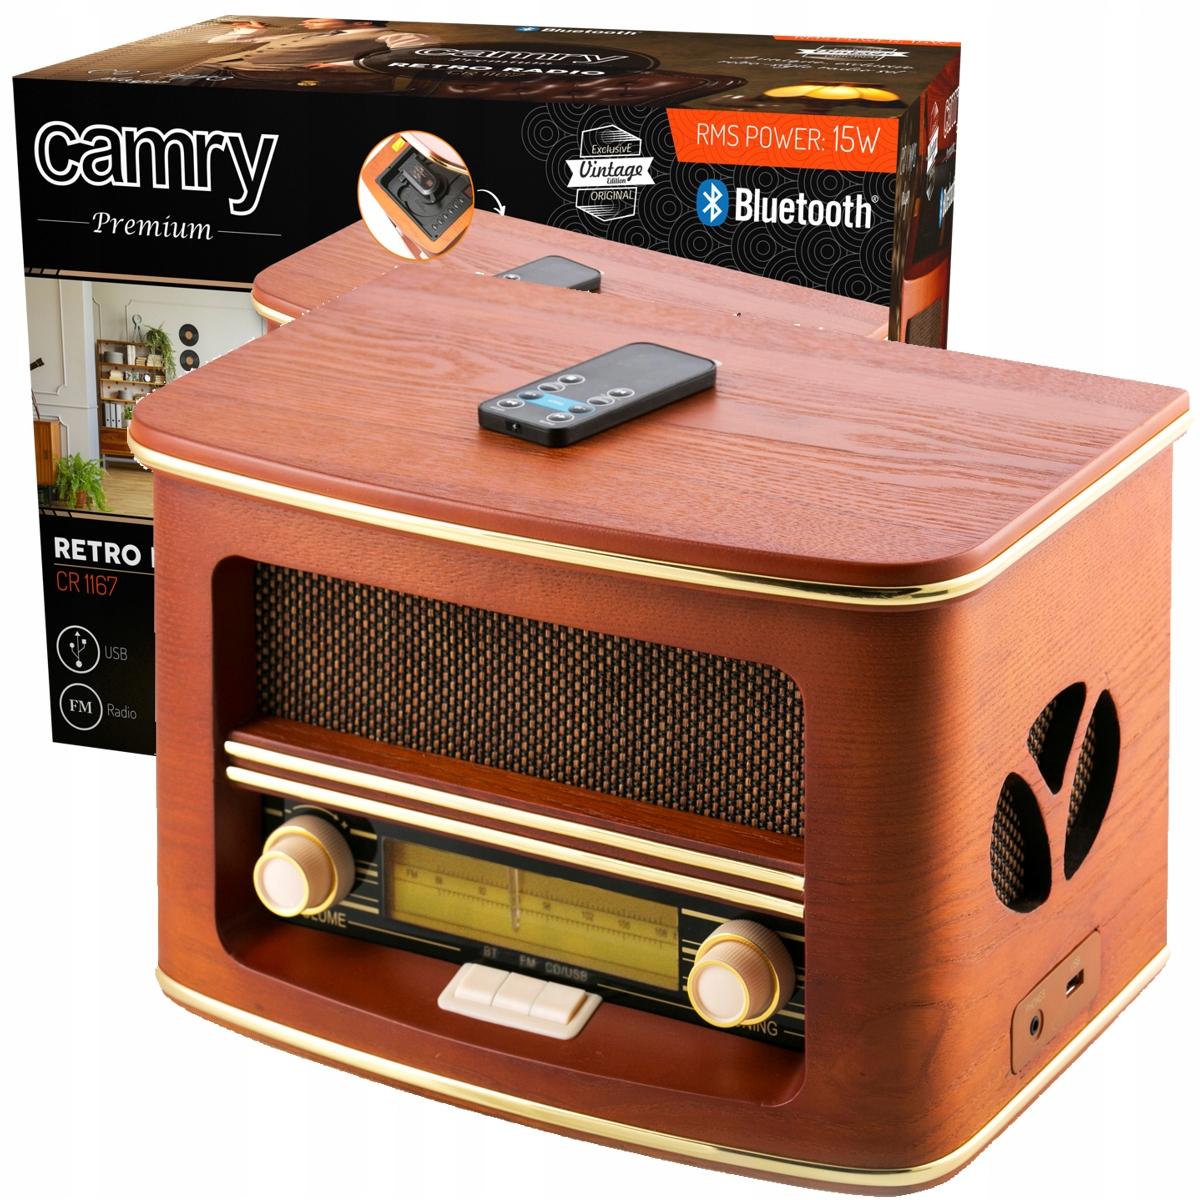 ŠTÝLOVÉ RETRO RÁDIO CR1167 CD, FM, USB, BLUETOOTH